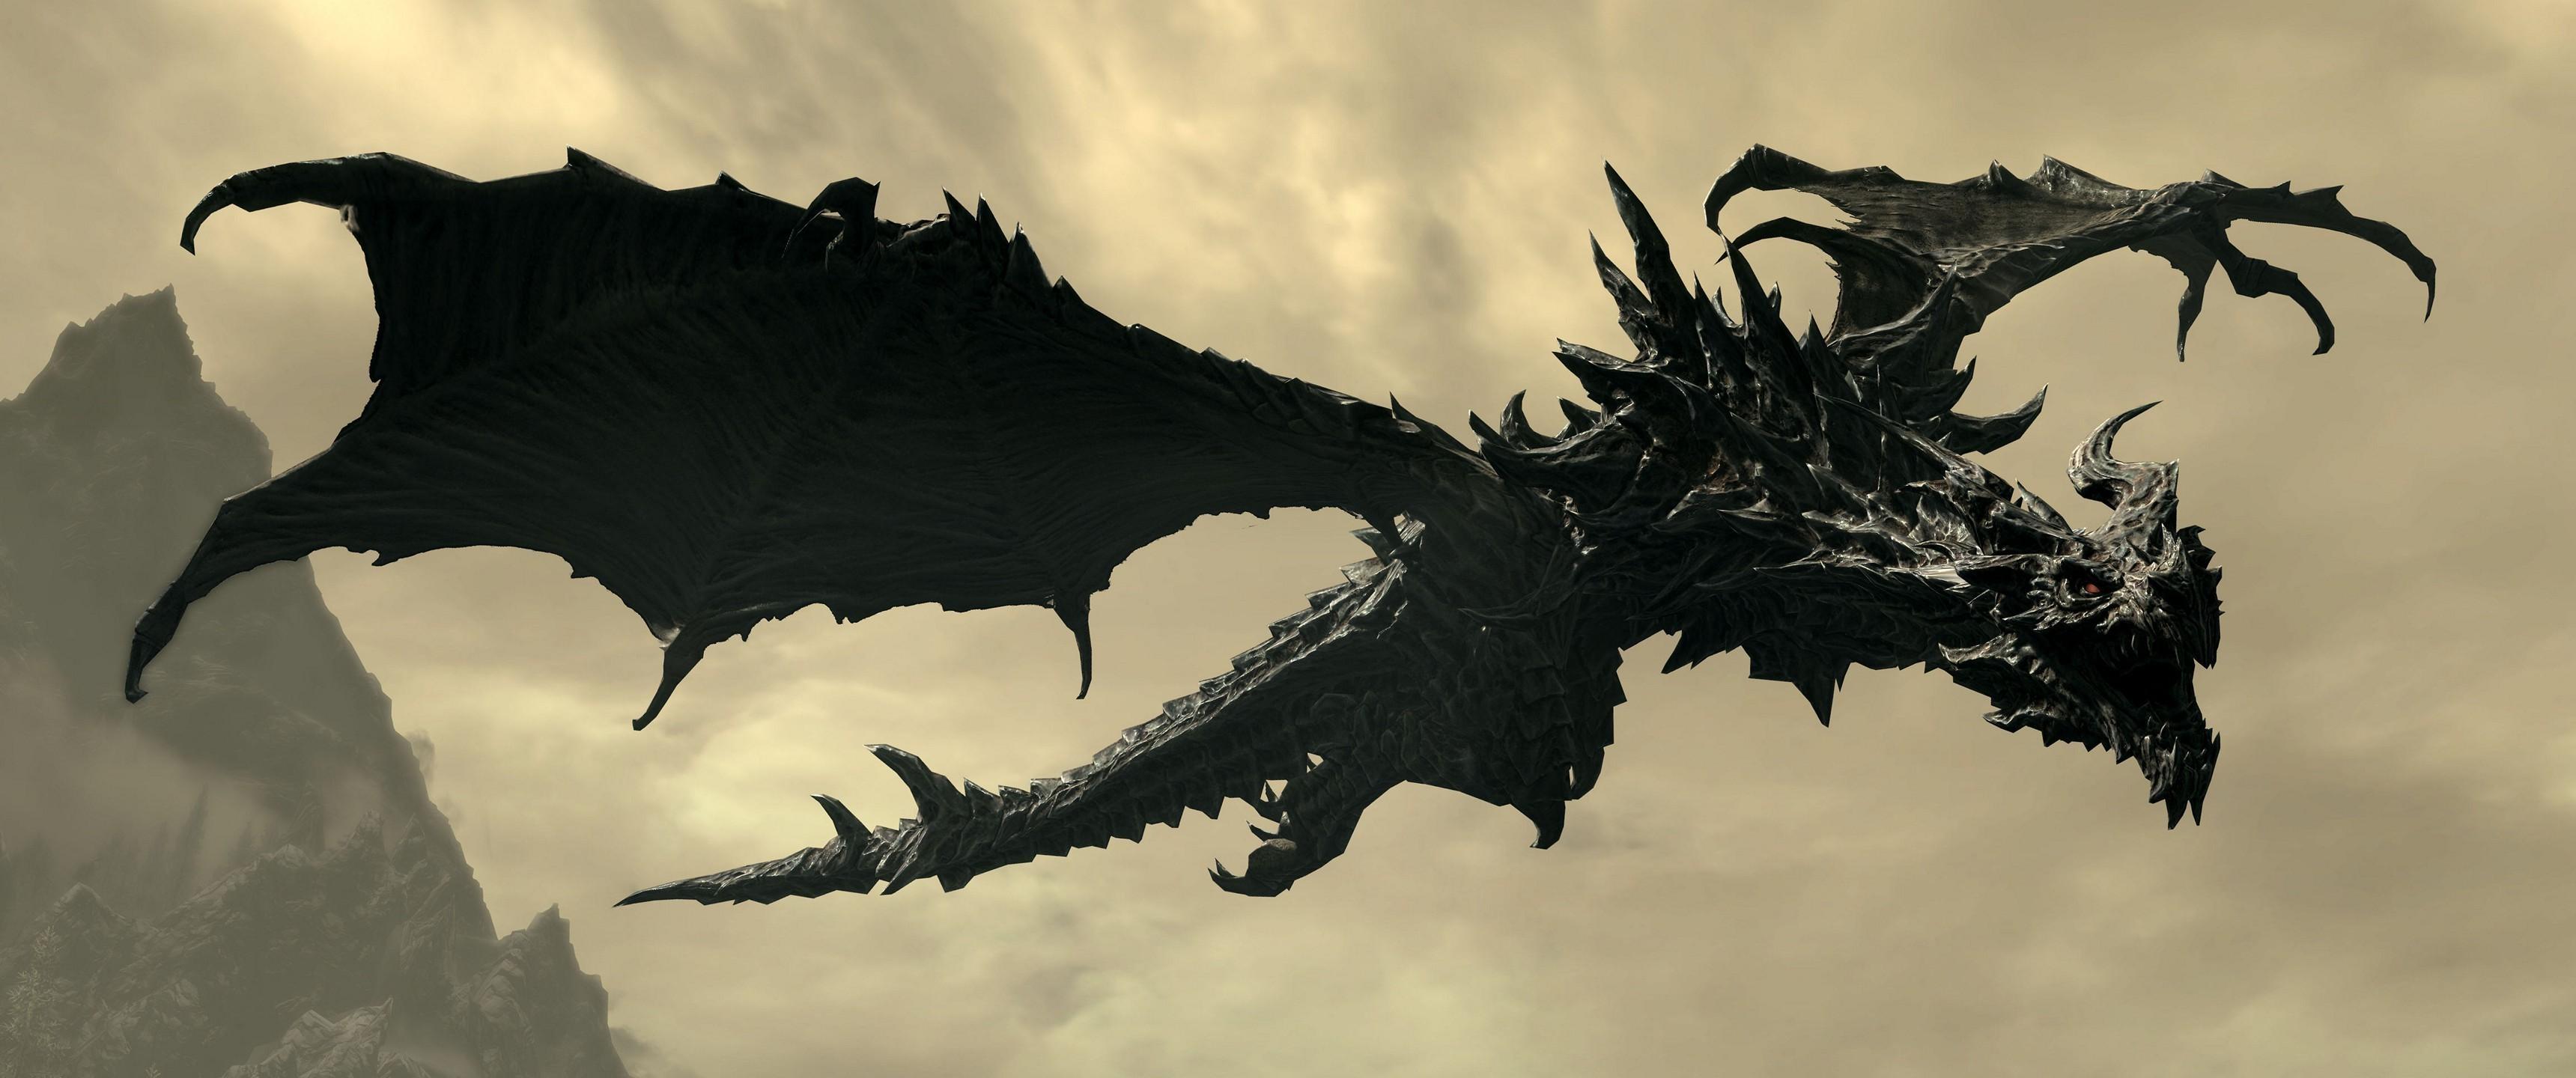 Video Games Raven Dragon The Elder Scrolls V Skyrim Alduin Leaf Wing 3440x1440 Px